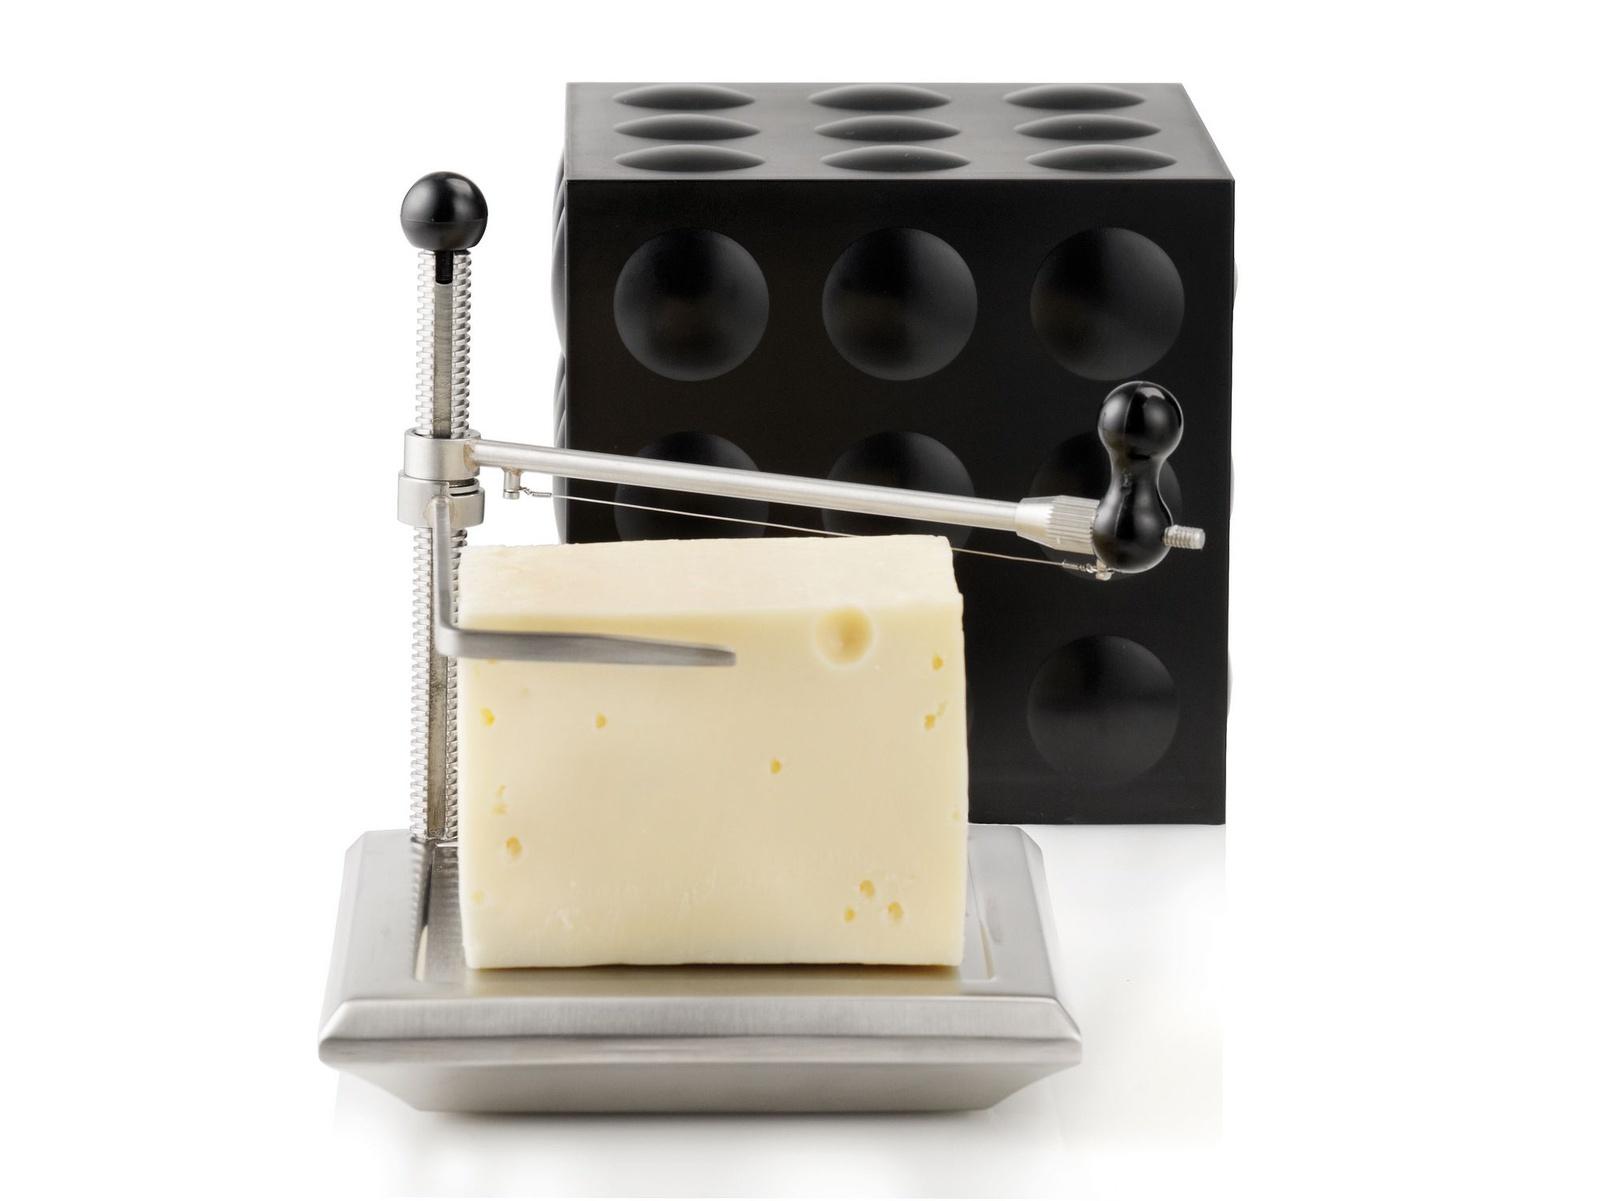 Сырорезка-куб Nuance, цвет: черный. NU461520 цена